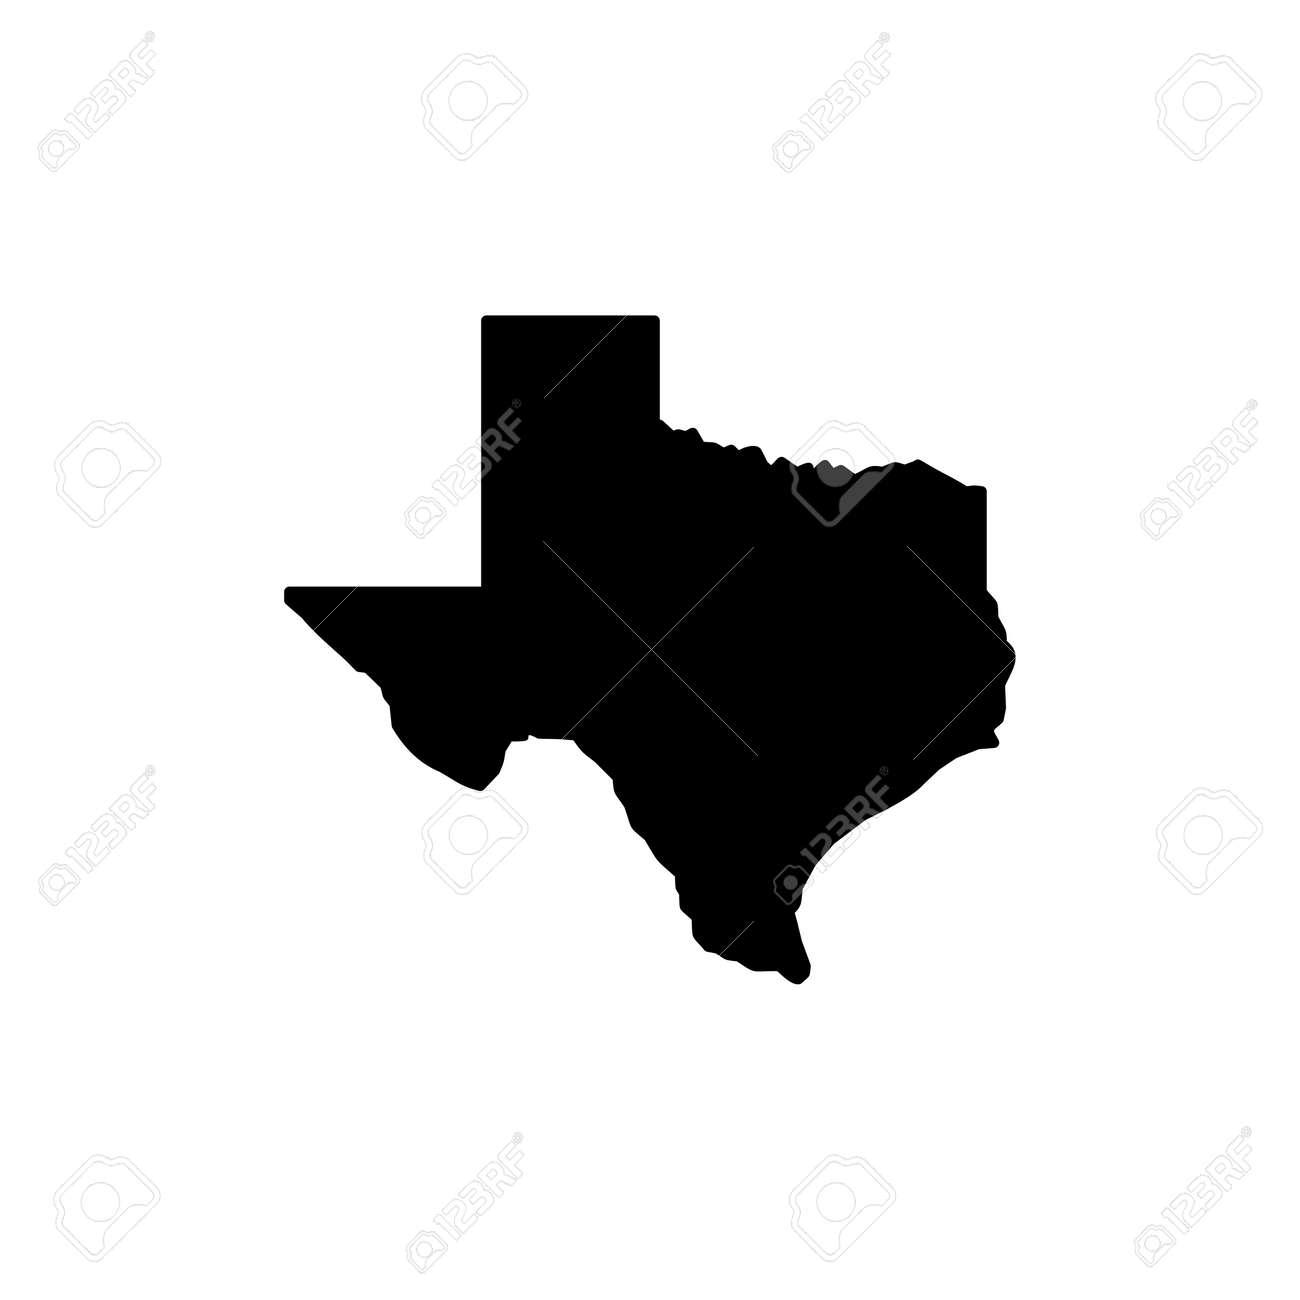 Texas map icon on white background, Texas symbol, Texas map. - 165830707